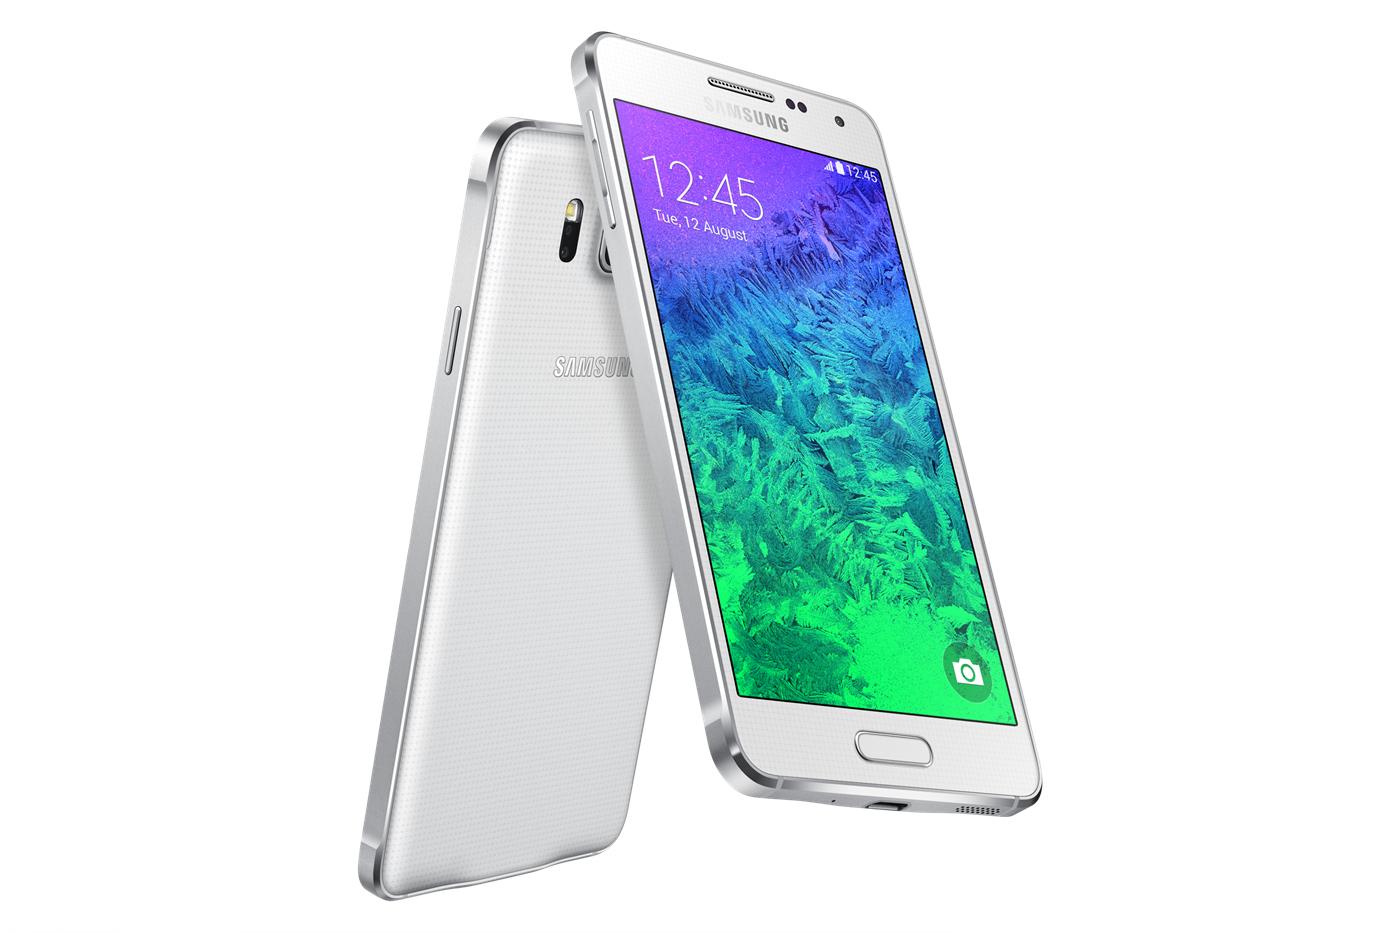 Samsung Galaxy Alpha: New Approach & New Design